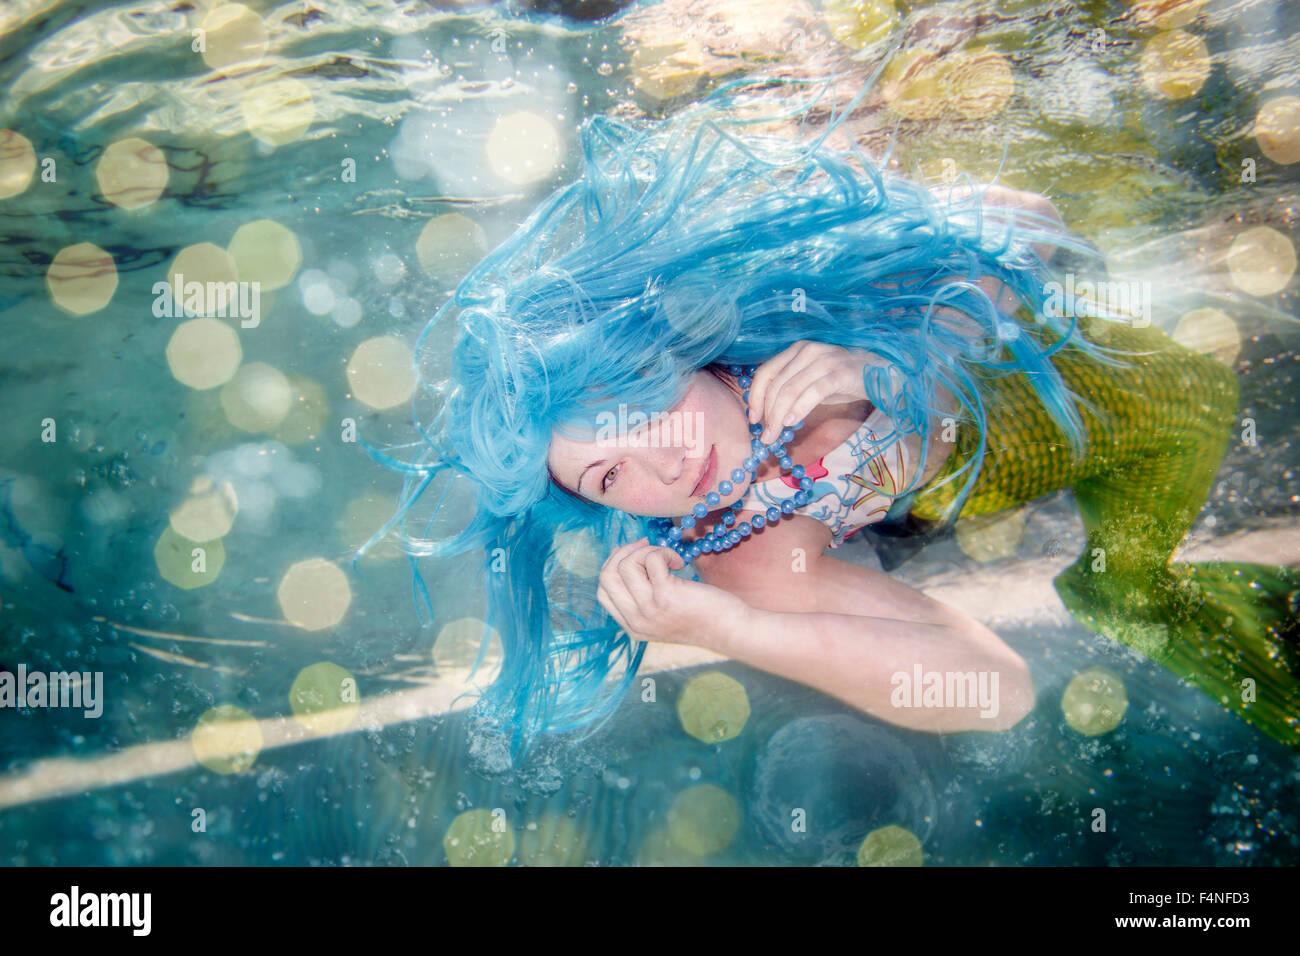 Junge Frau In Der Verkleidung Von Arielle Die Kleine Meerjungfrau